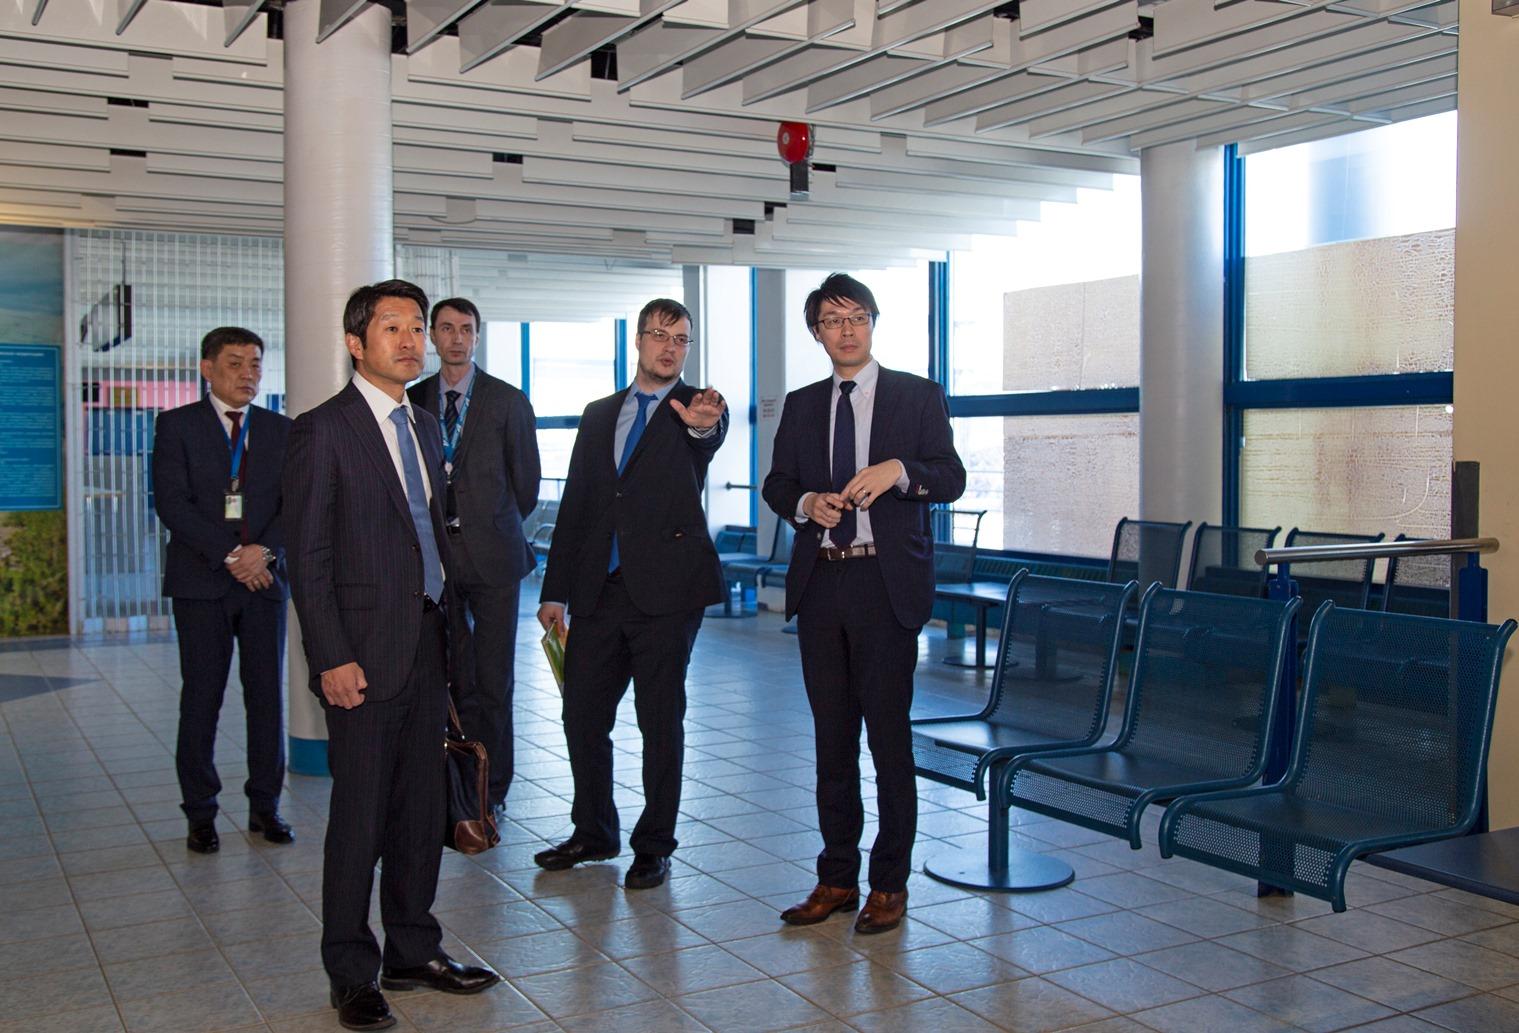 Аэропорт «Якутск» рассматривает предложение о сотрудничестве японского банка JBIC по реконструкции международного терминала